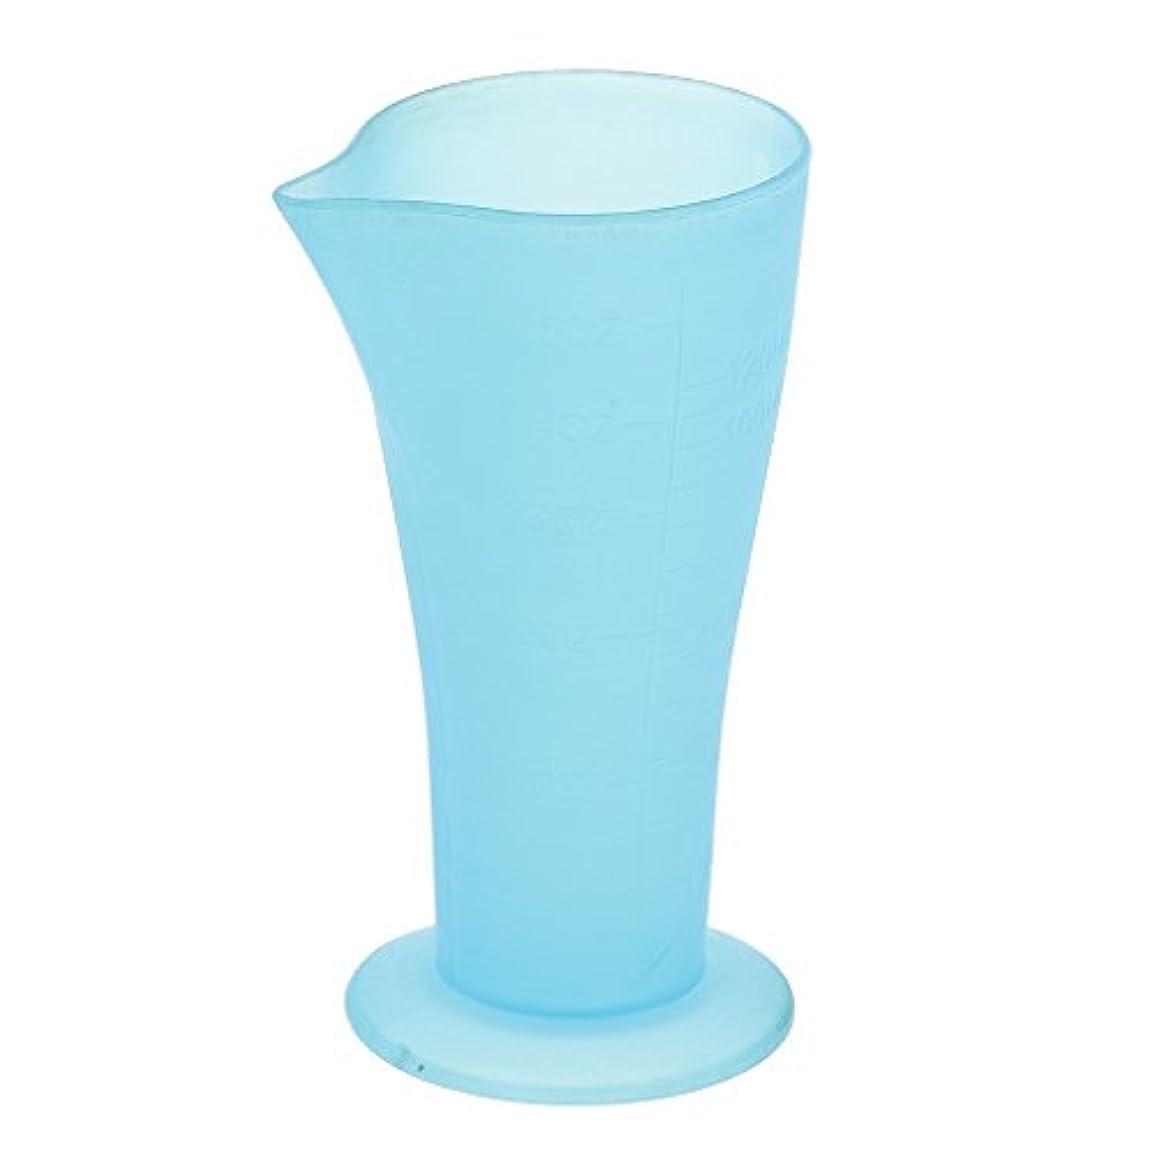 ミルク長椅子昆虫Toygogo 再利用可能な耐久性のある120mL 5oZクリアブループラスチック製の計量用ビーカーカップ調理用ベーカリーキッチンラボサロン